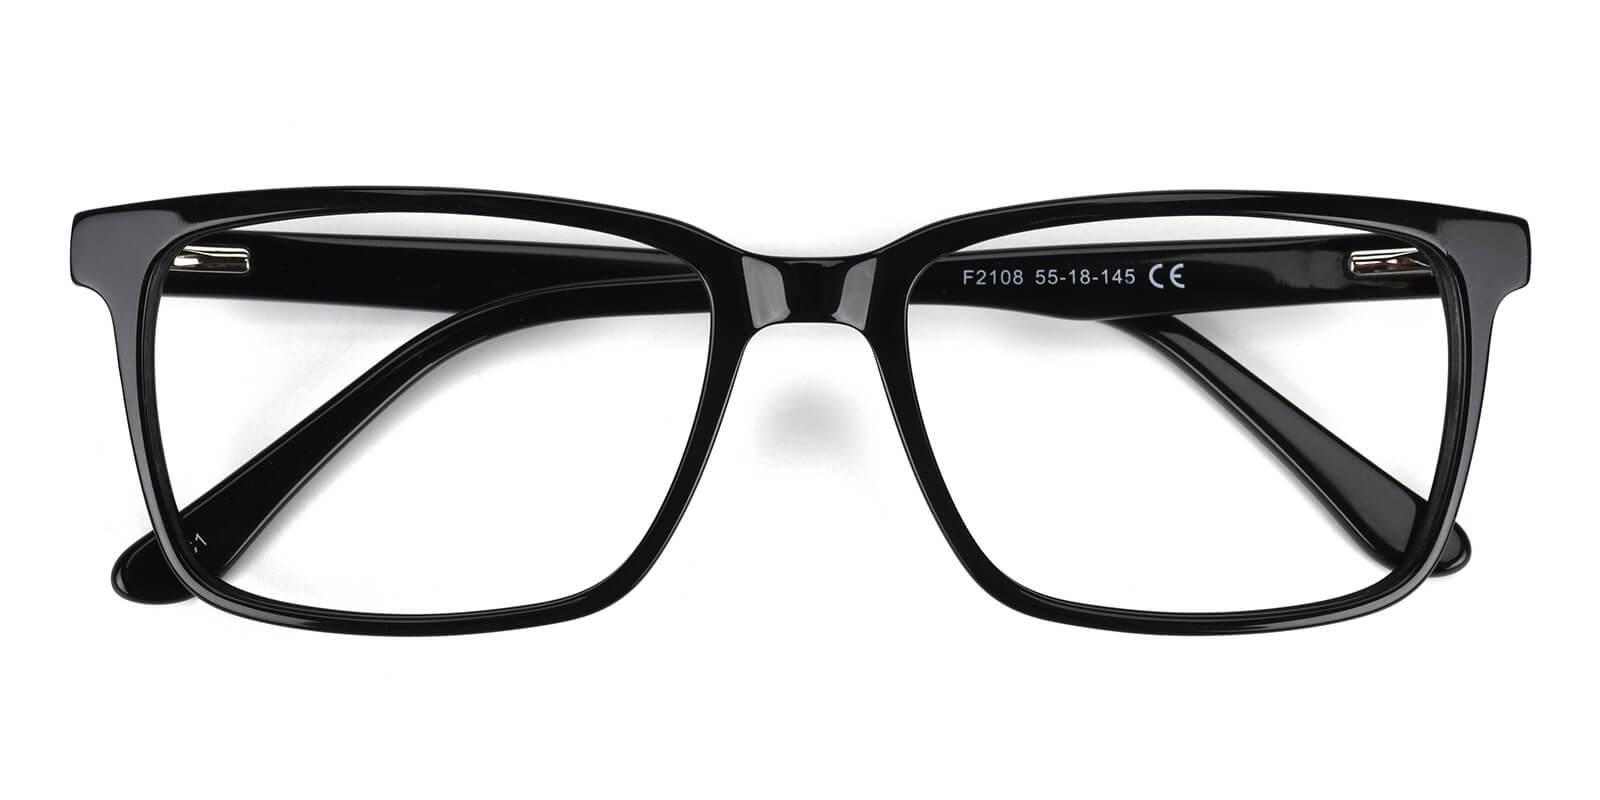 Sakou-Black-Square-Acetate-Eyeglasses-detail